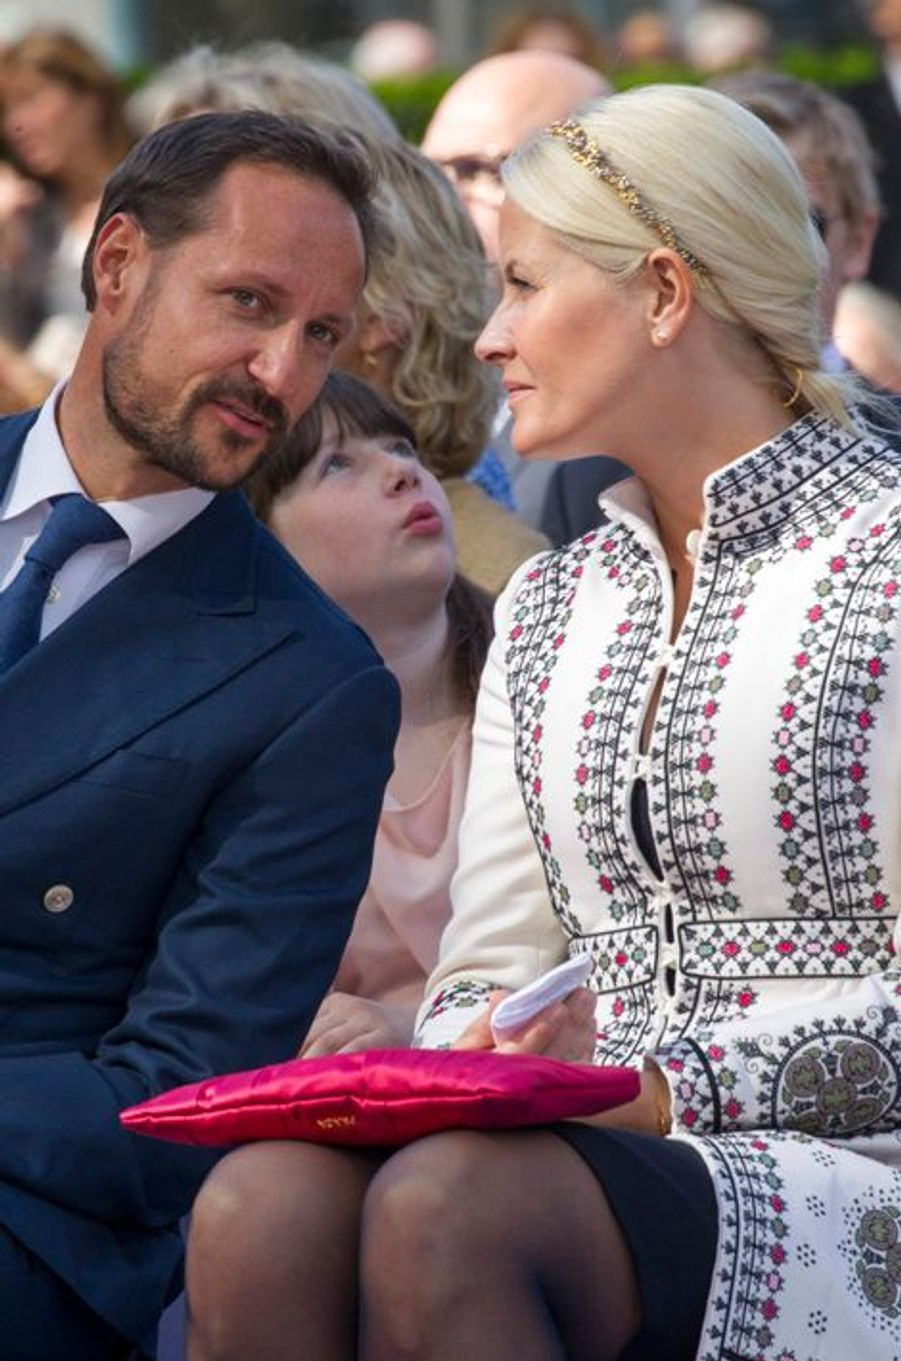 La princesse Mette-Marit et le prince Haakon de Norvège à Oslo, le 7 juin 2015